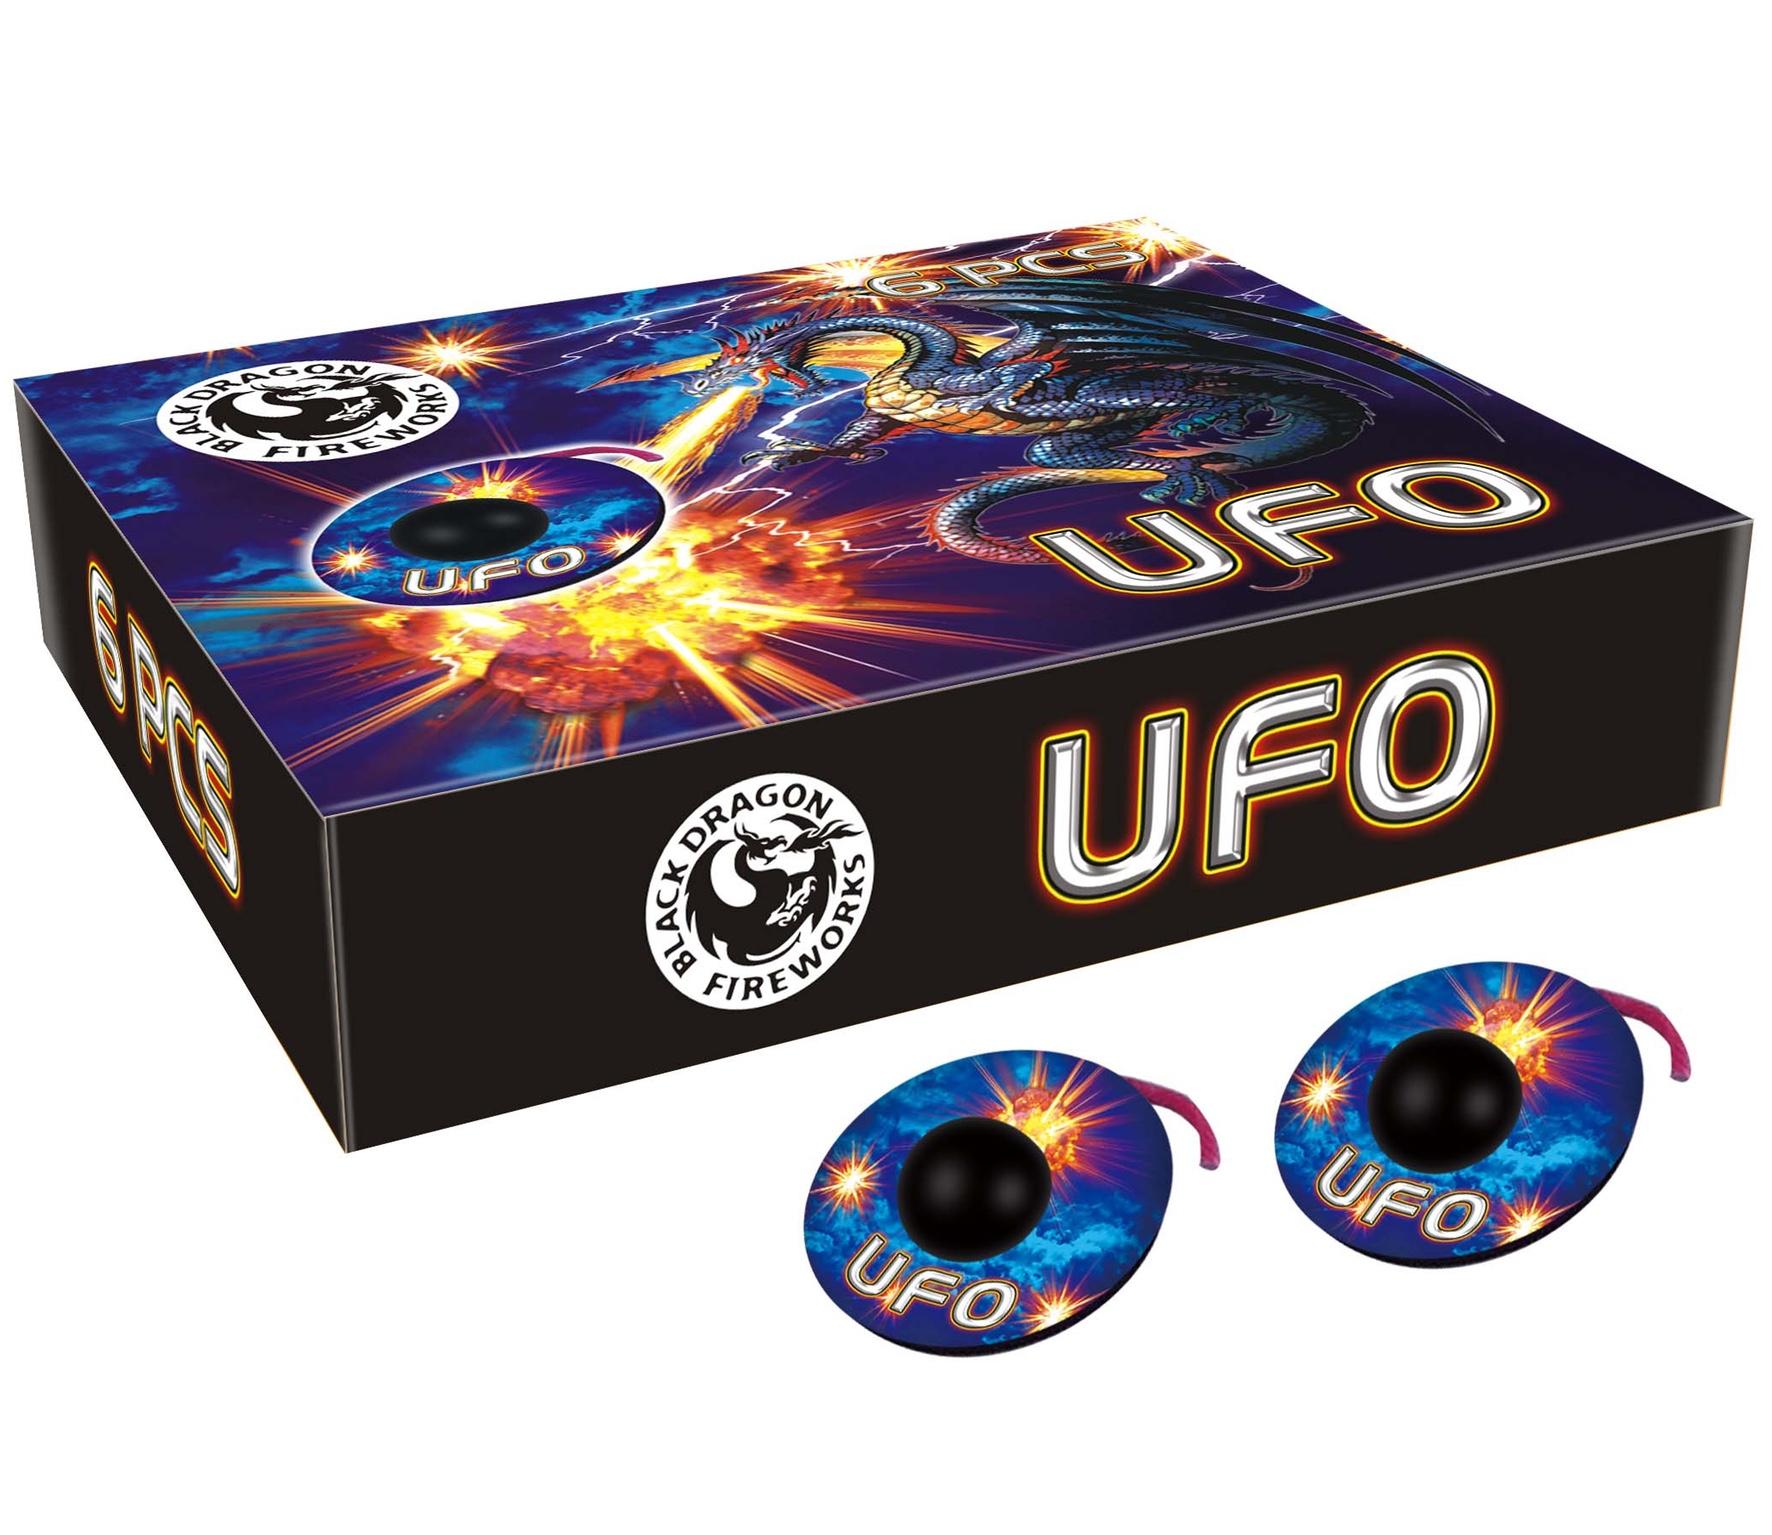 KNETTER UFO'S